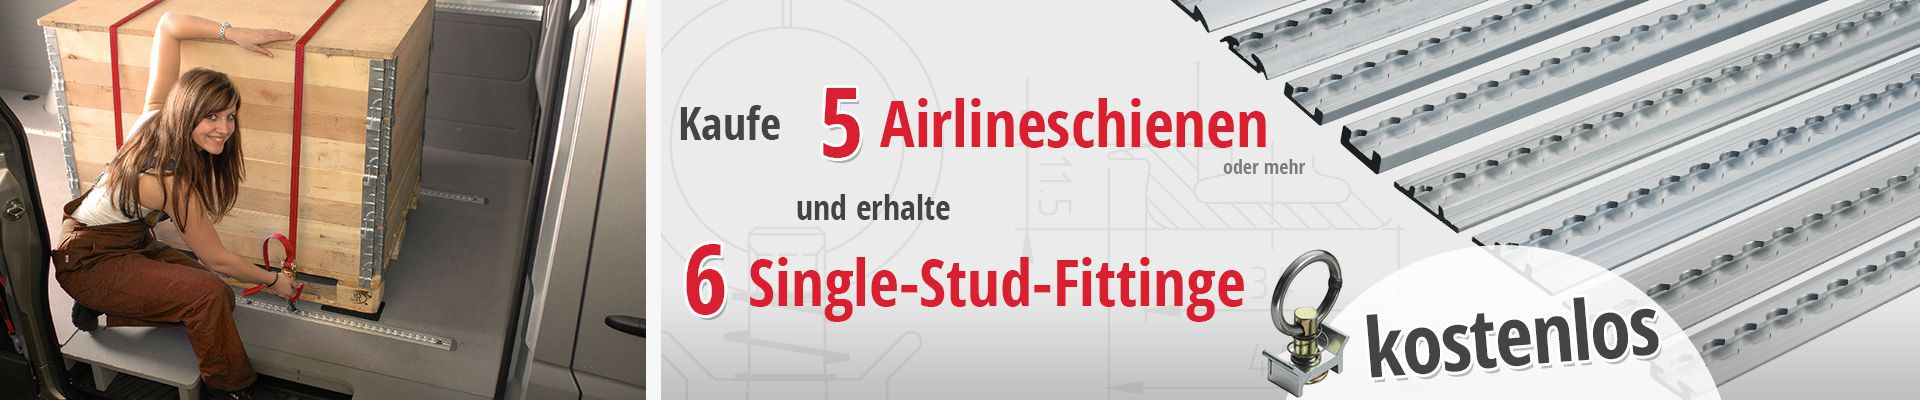 Kaufe 5 Airlineschienen oder mehr und erhalte 6 Single-Stud-Fittinge kostenlos